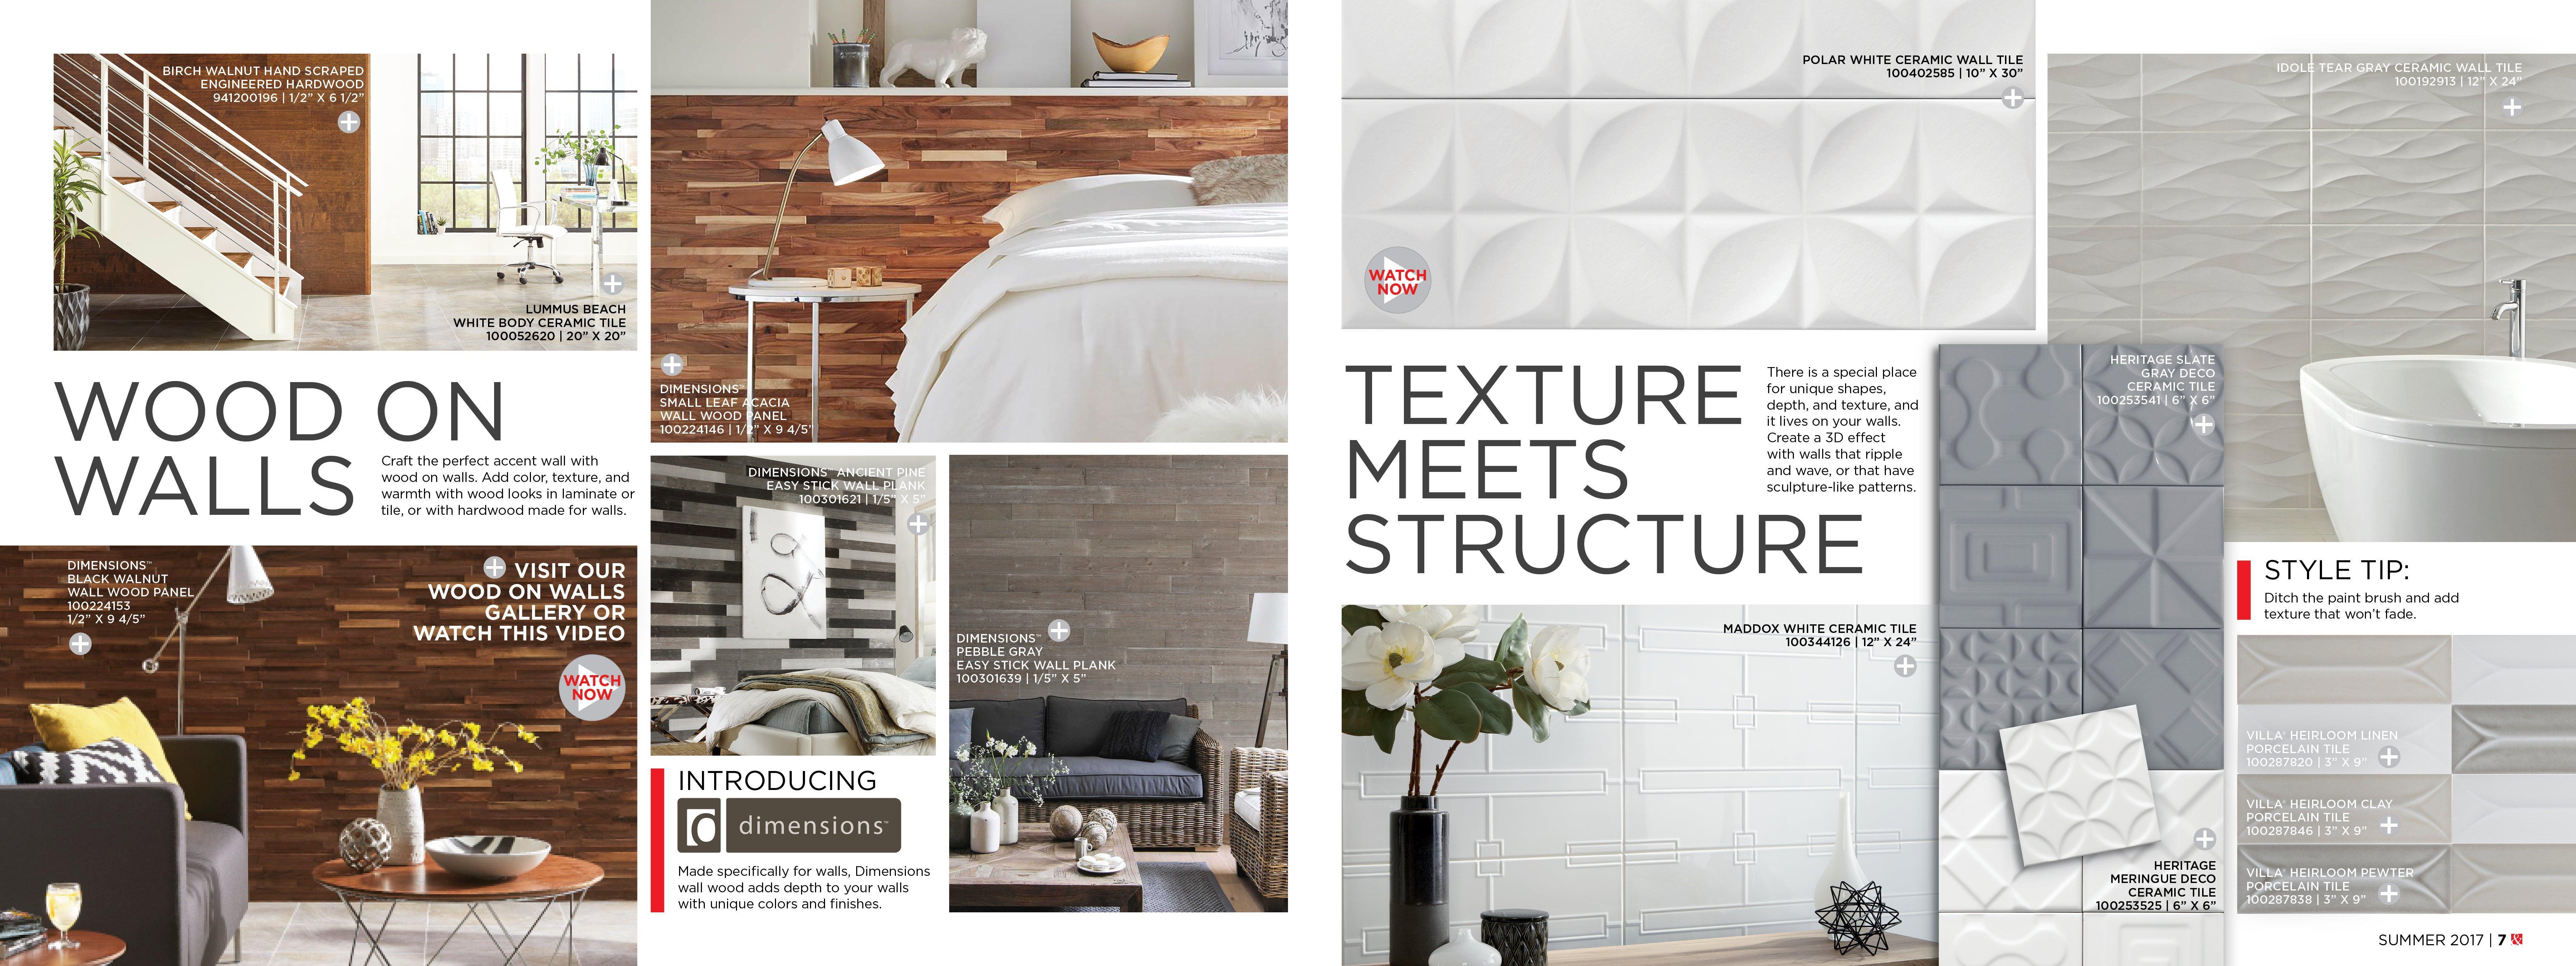 2017 summer catalog floor decor